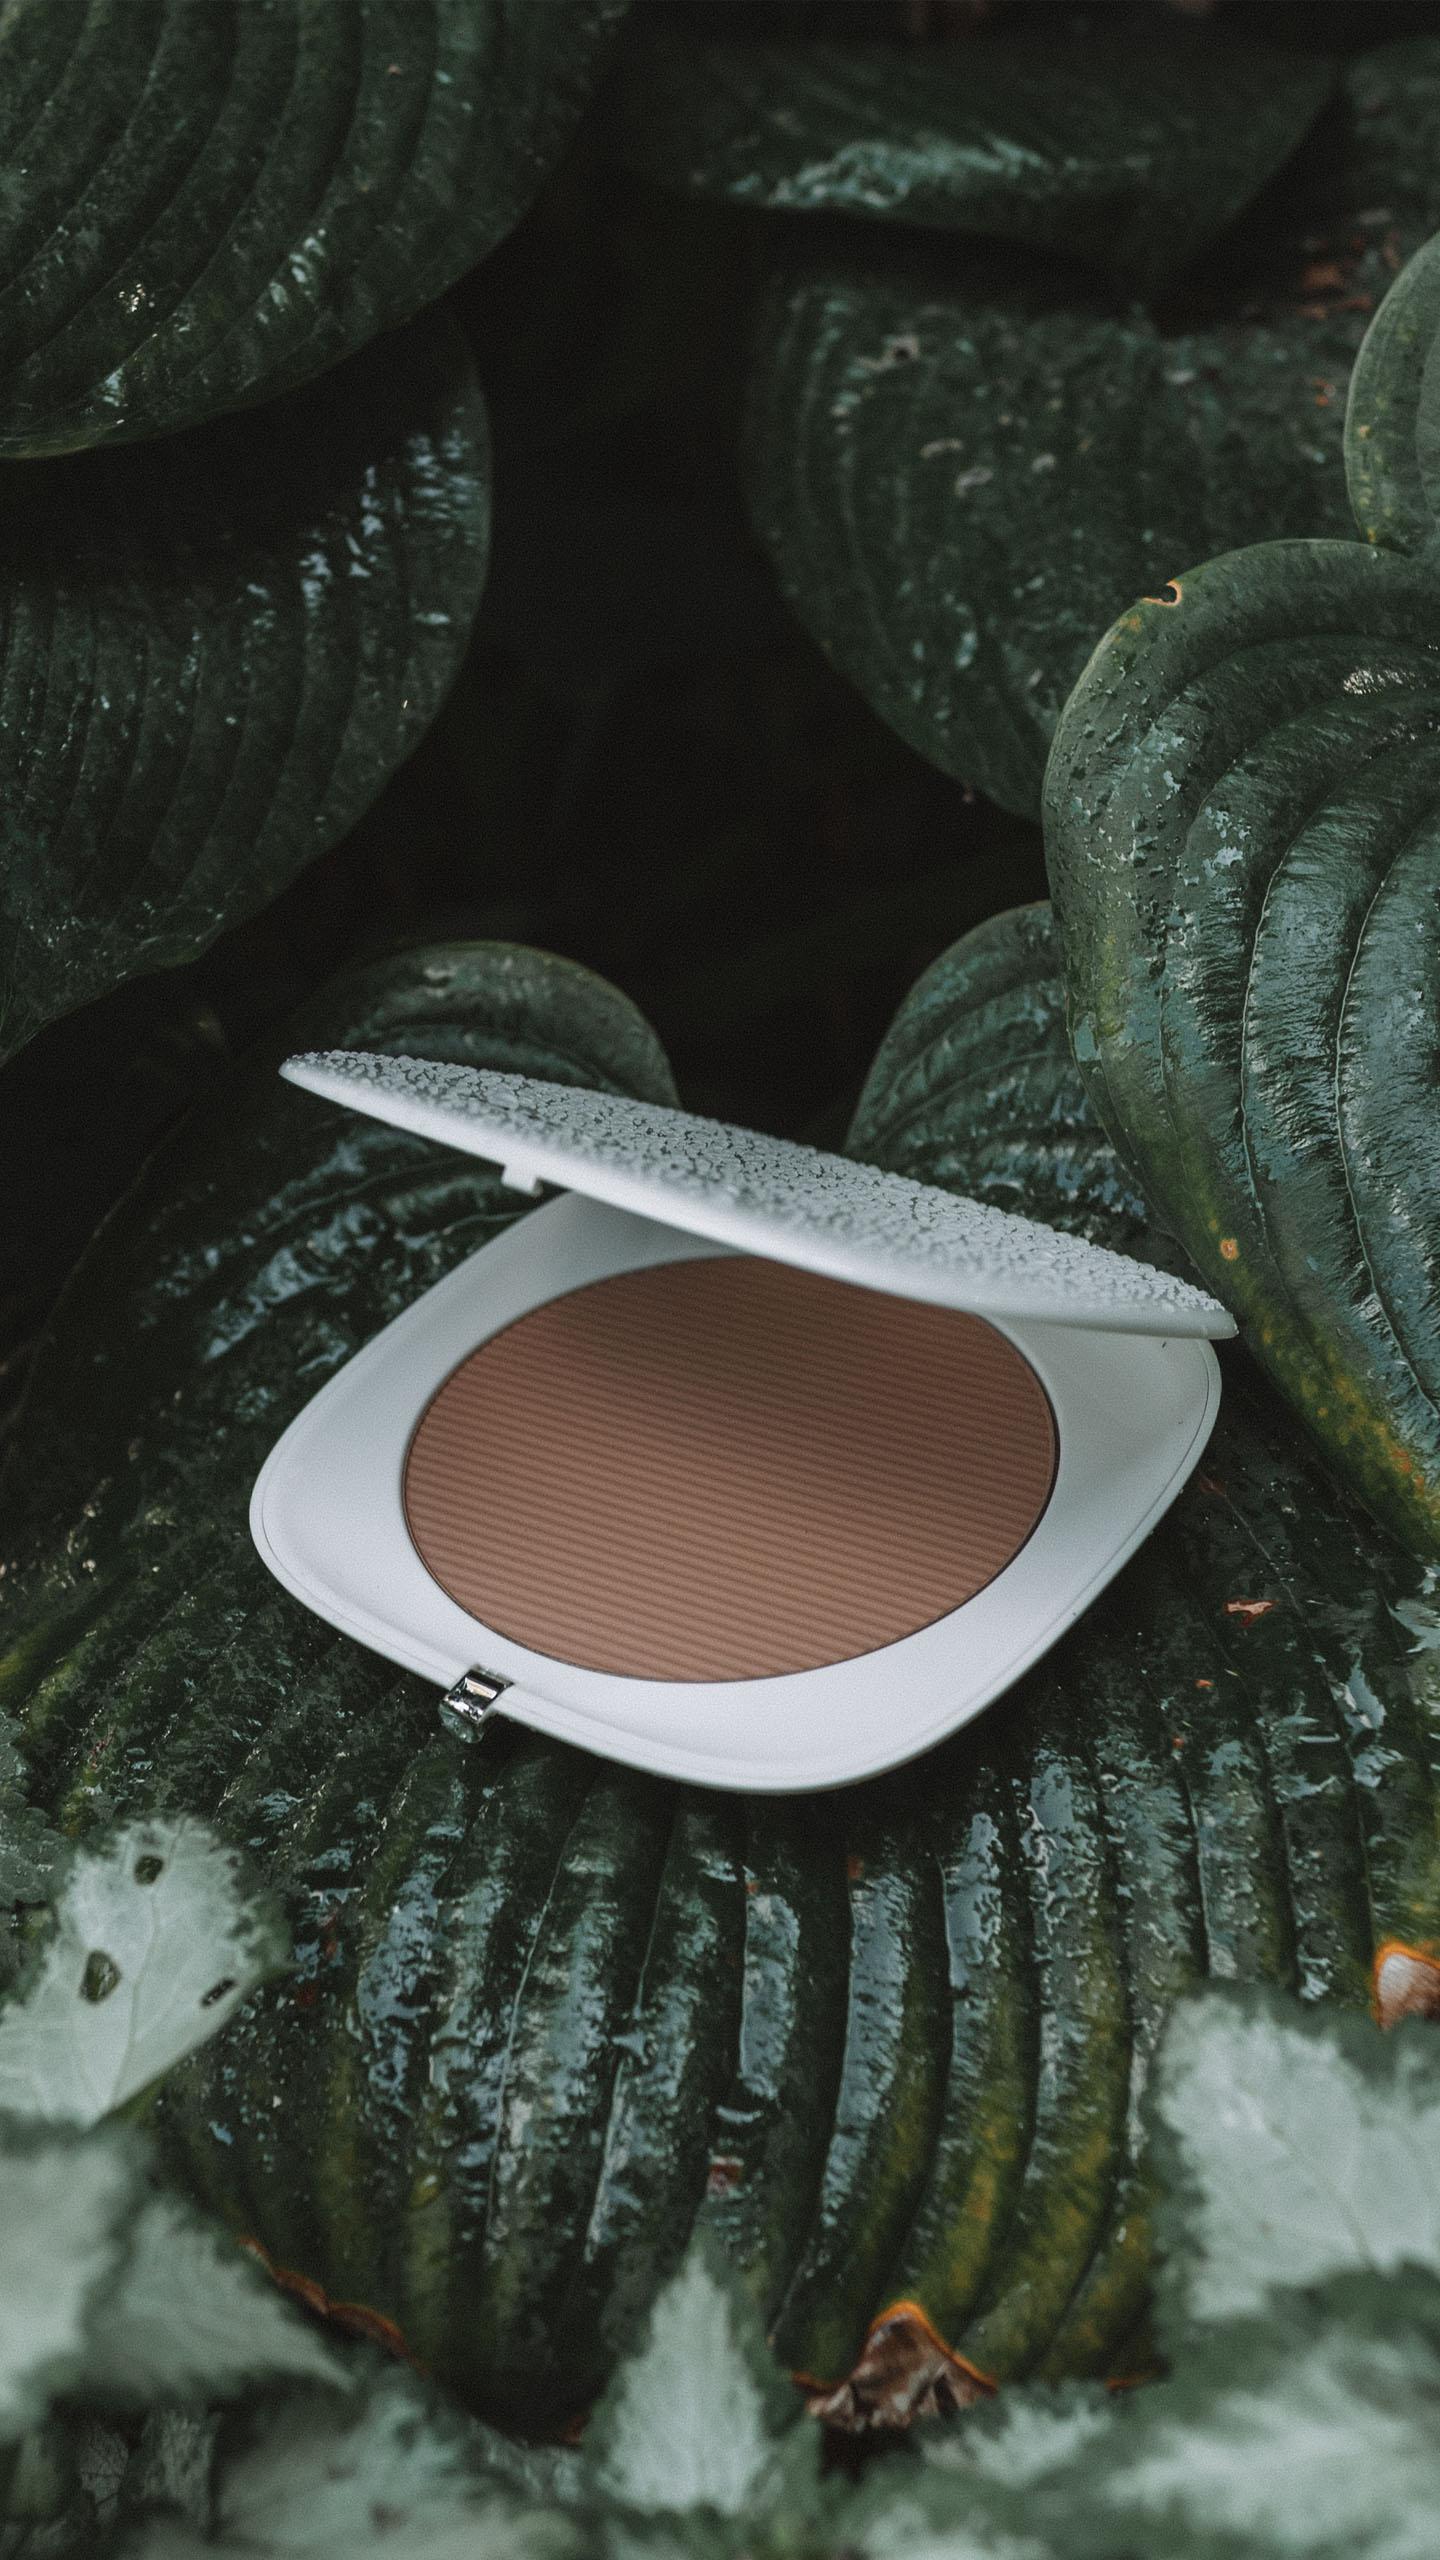 Marc Jacobs o!mega Coconut bronzer perfect tan 104 tan-tastic!